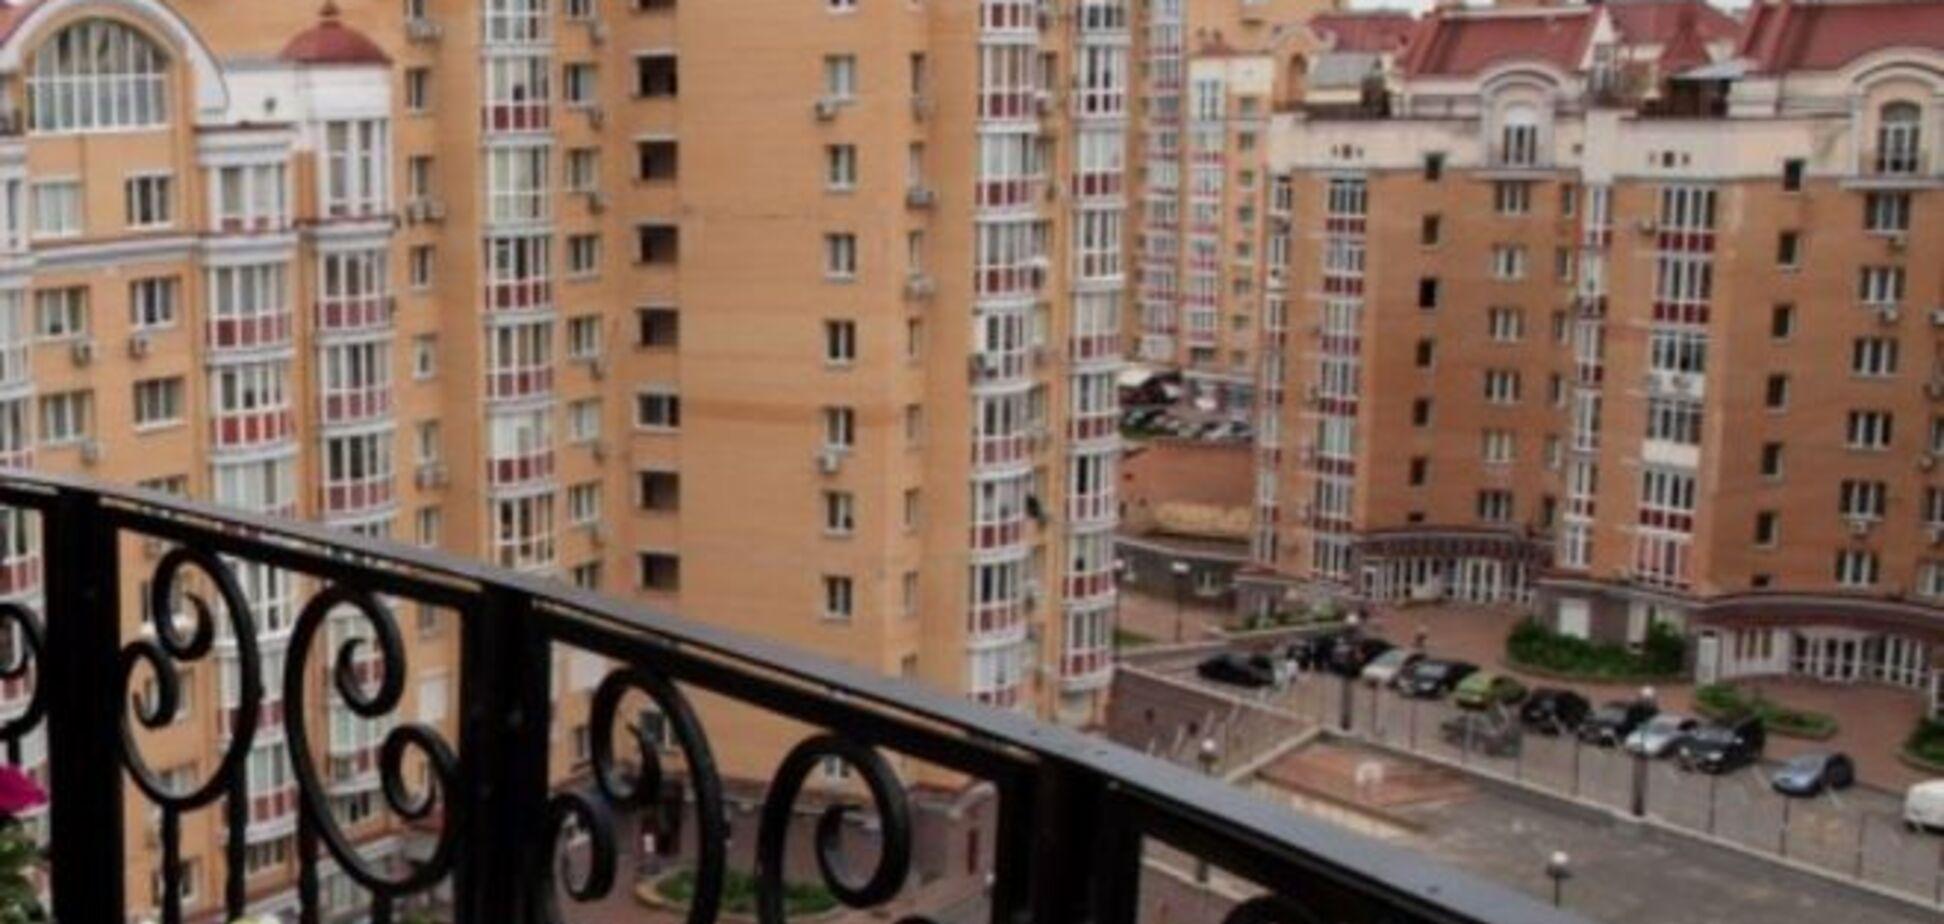 Аналитик рассказал, стоит ли ждать снижения цен на квартиры в Киеве